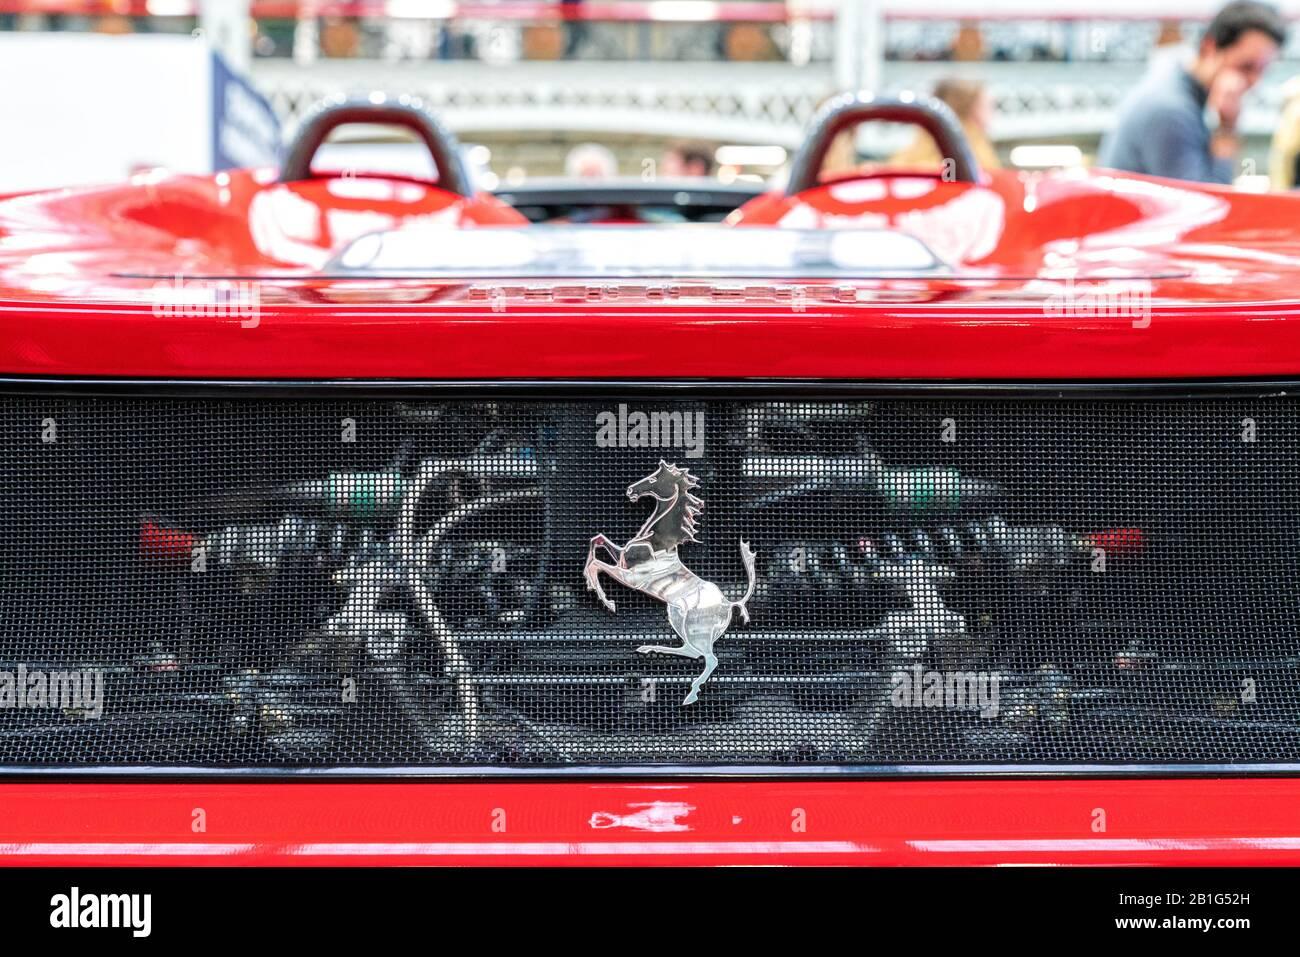 Februar 2020 - London, Großbritannien. Ferrari-Emblem und durchgehendes Mesh zu einem Motorraum. Stockfoto